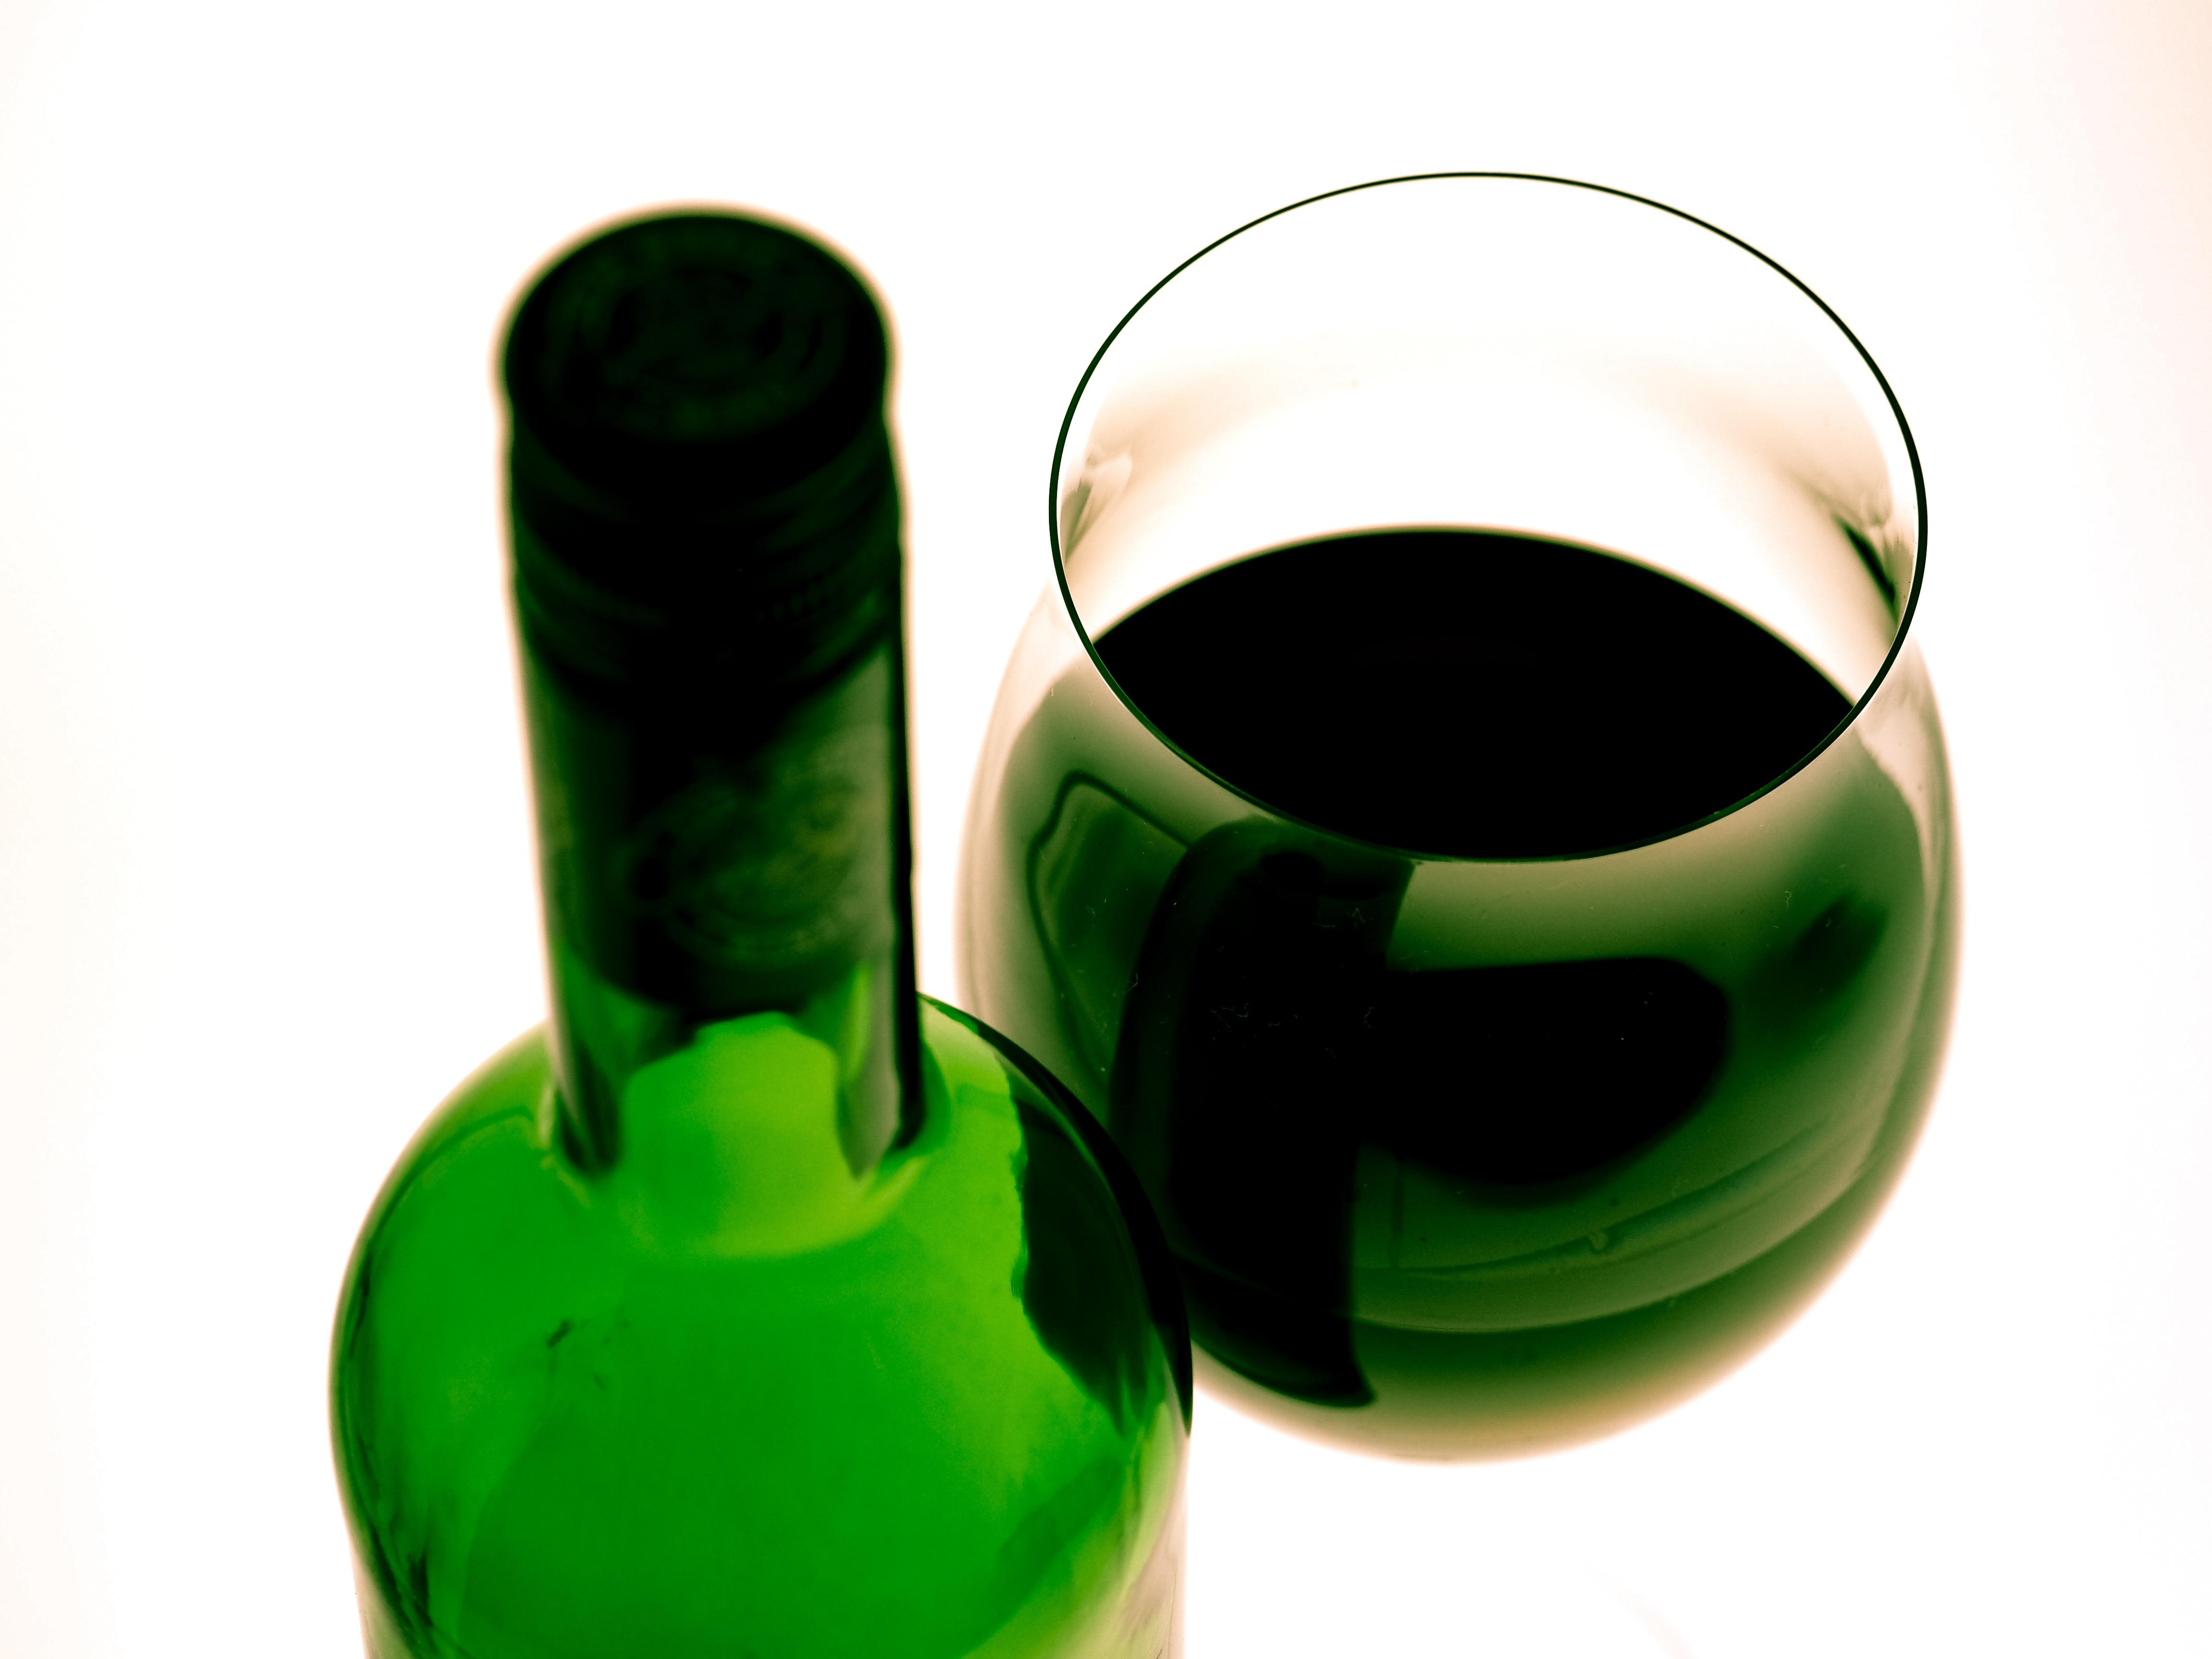 зеленое вино картинки что это